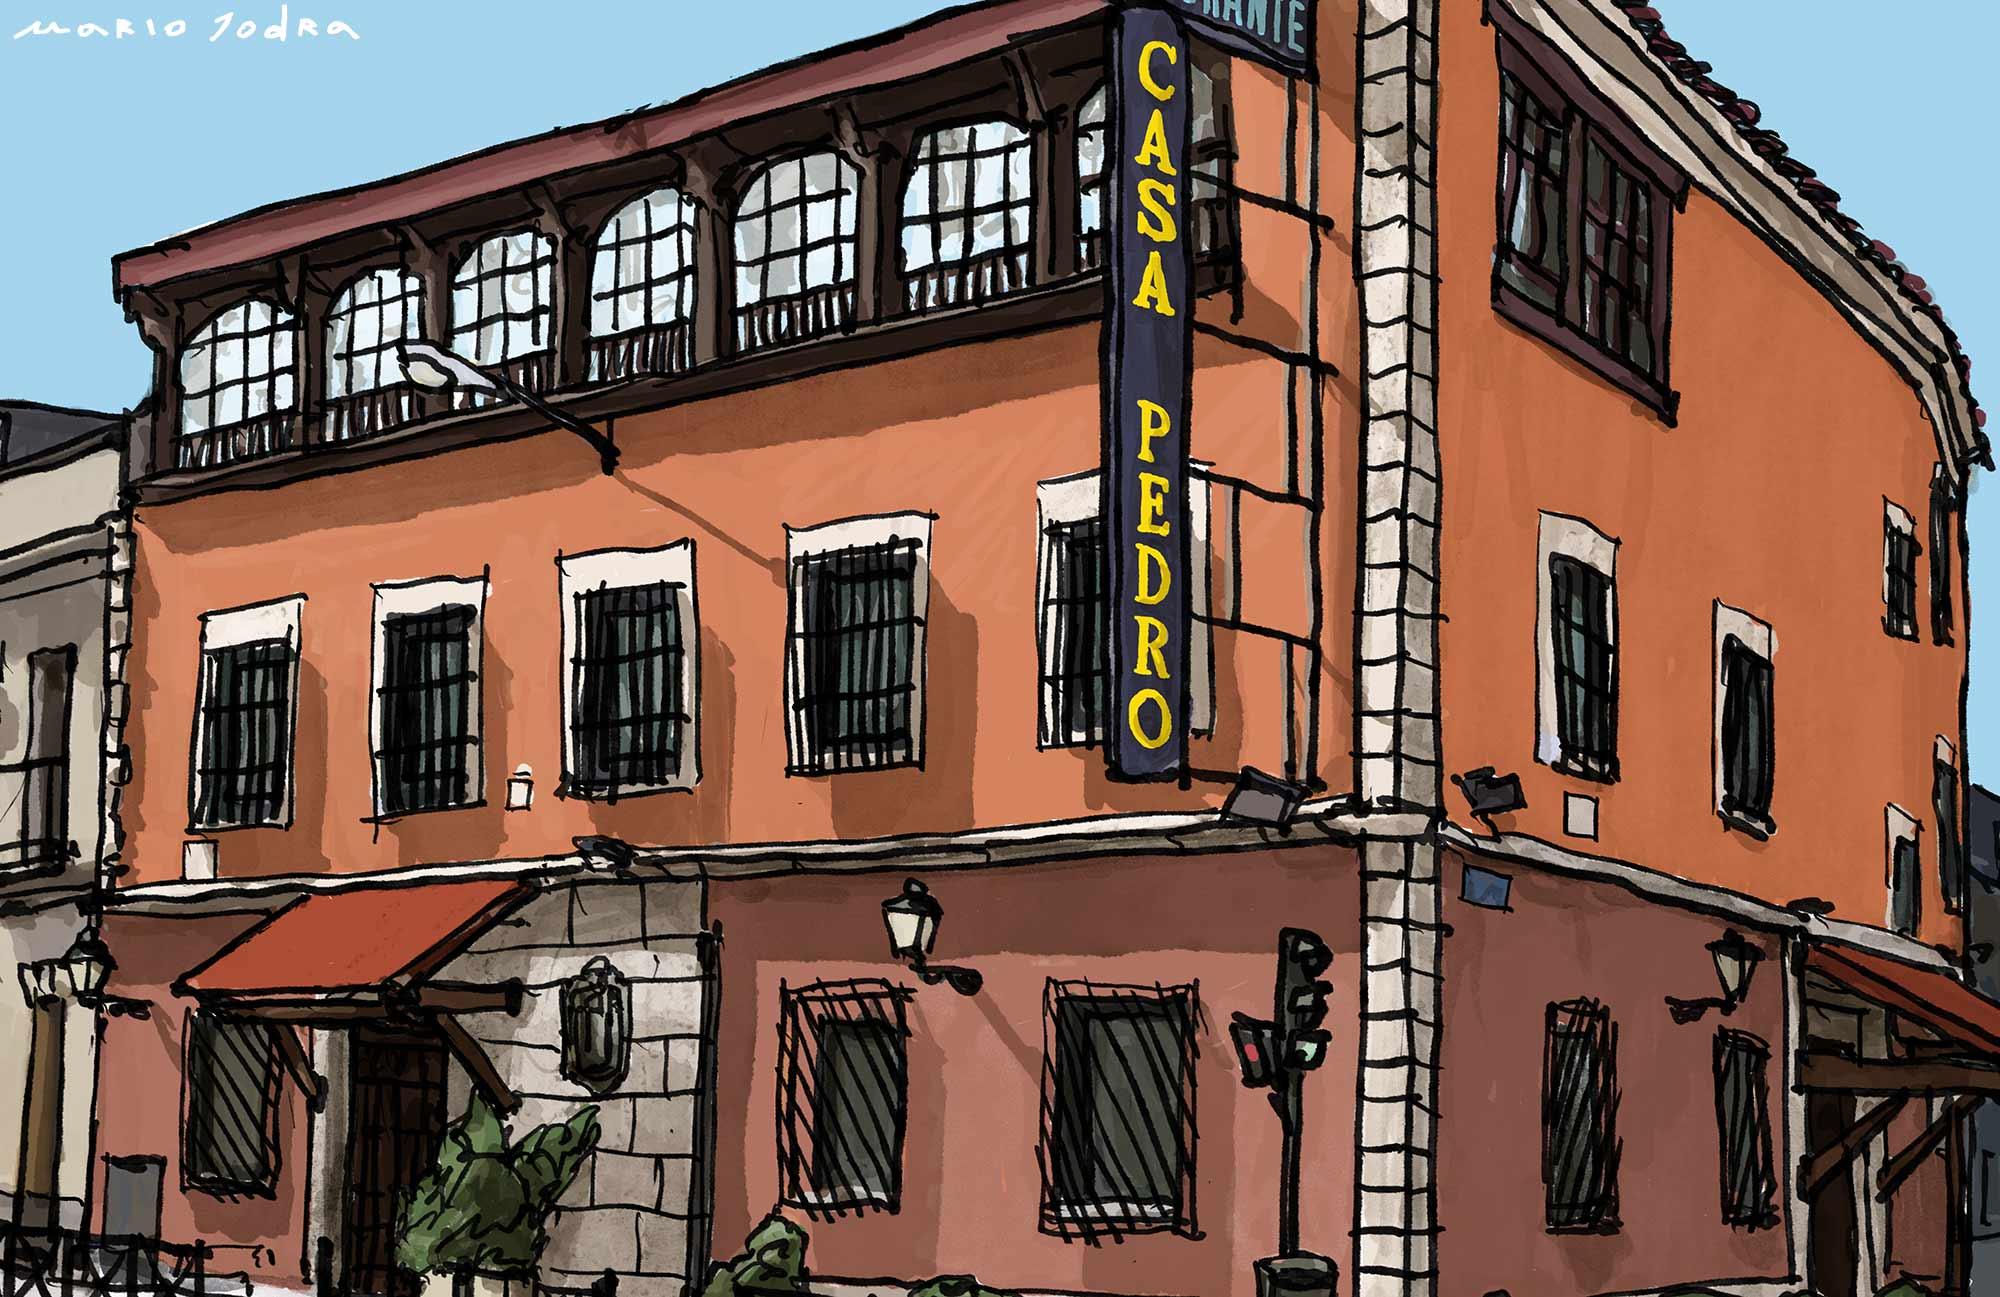 Mario Jodra illustration Art - Casa Pedro, Madrid tavern. Since 1702